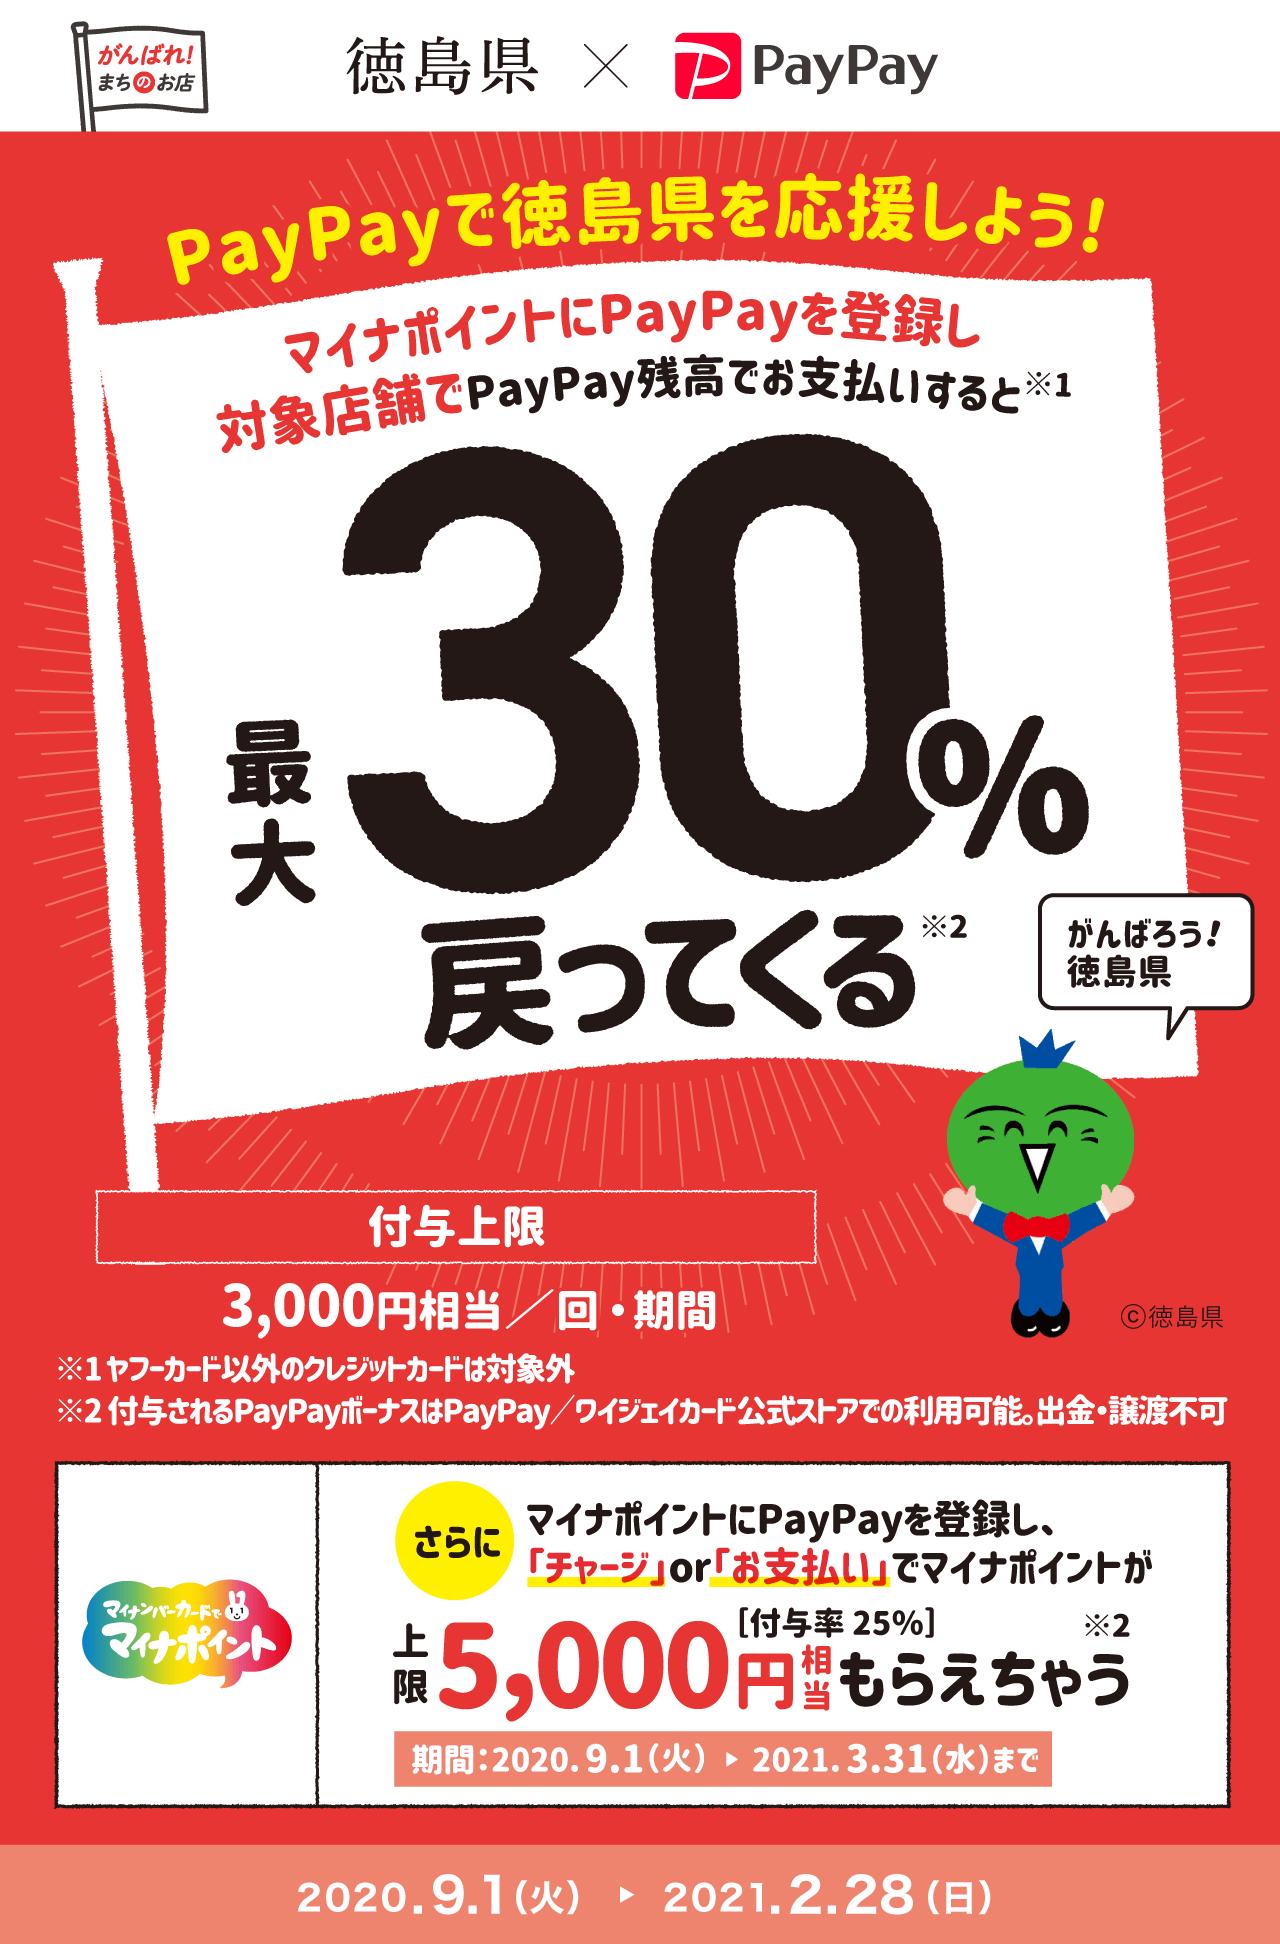 PayPayで徳島県を応援しよう!マイナポイントにPayPayを登録し 対象店舗でPayPay残高でお支払いすると最大30%戻ってくる